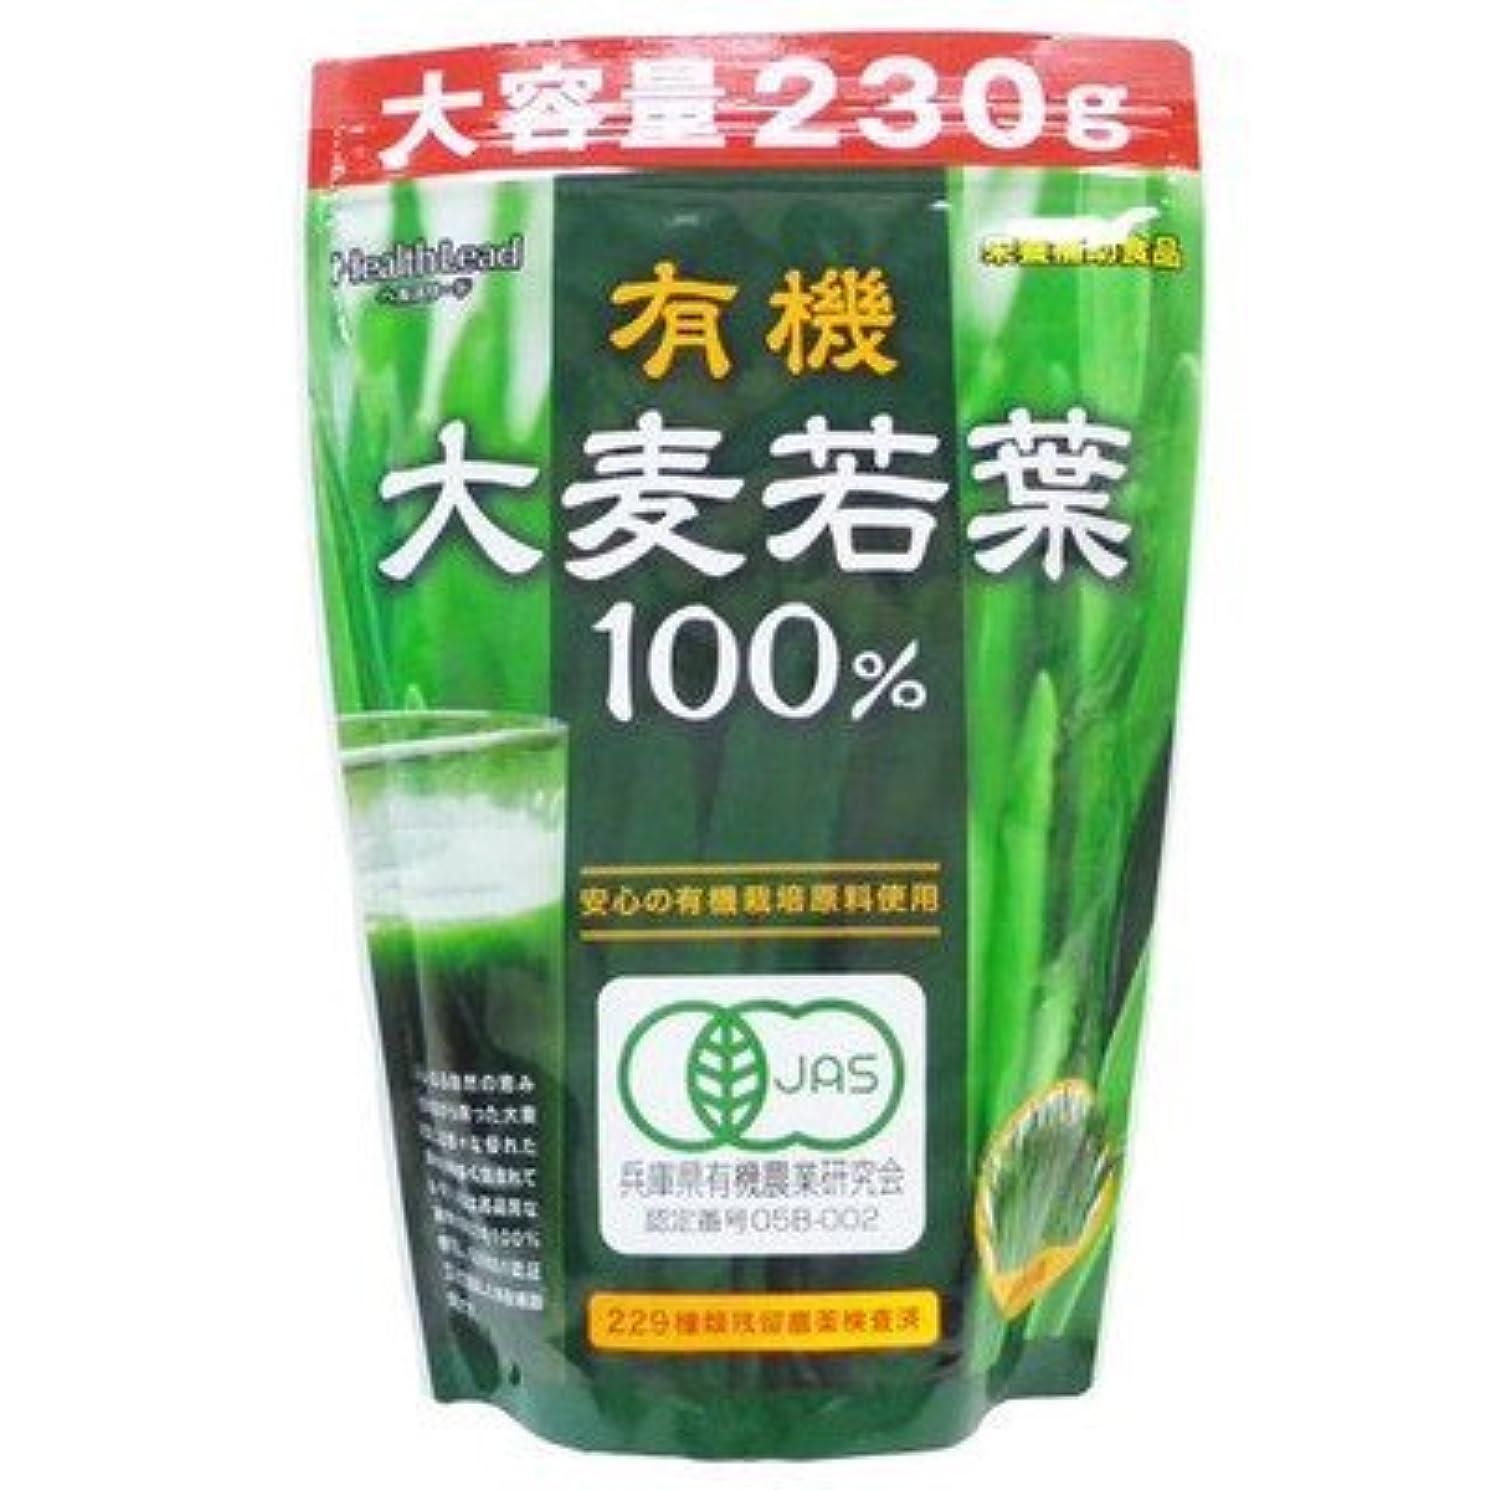 食事効率詩人HealthLead 有機大麦若葉100% 大容量230g(バイオフーズインターナショナル) 3個セット